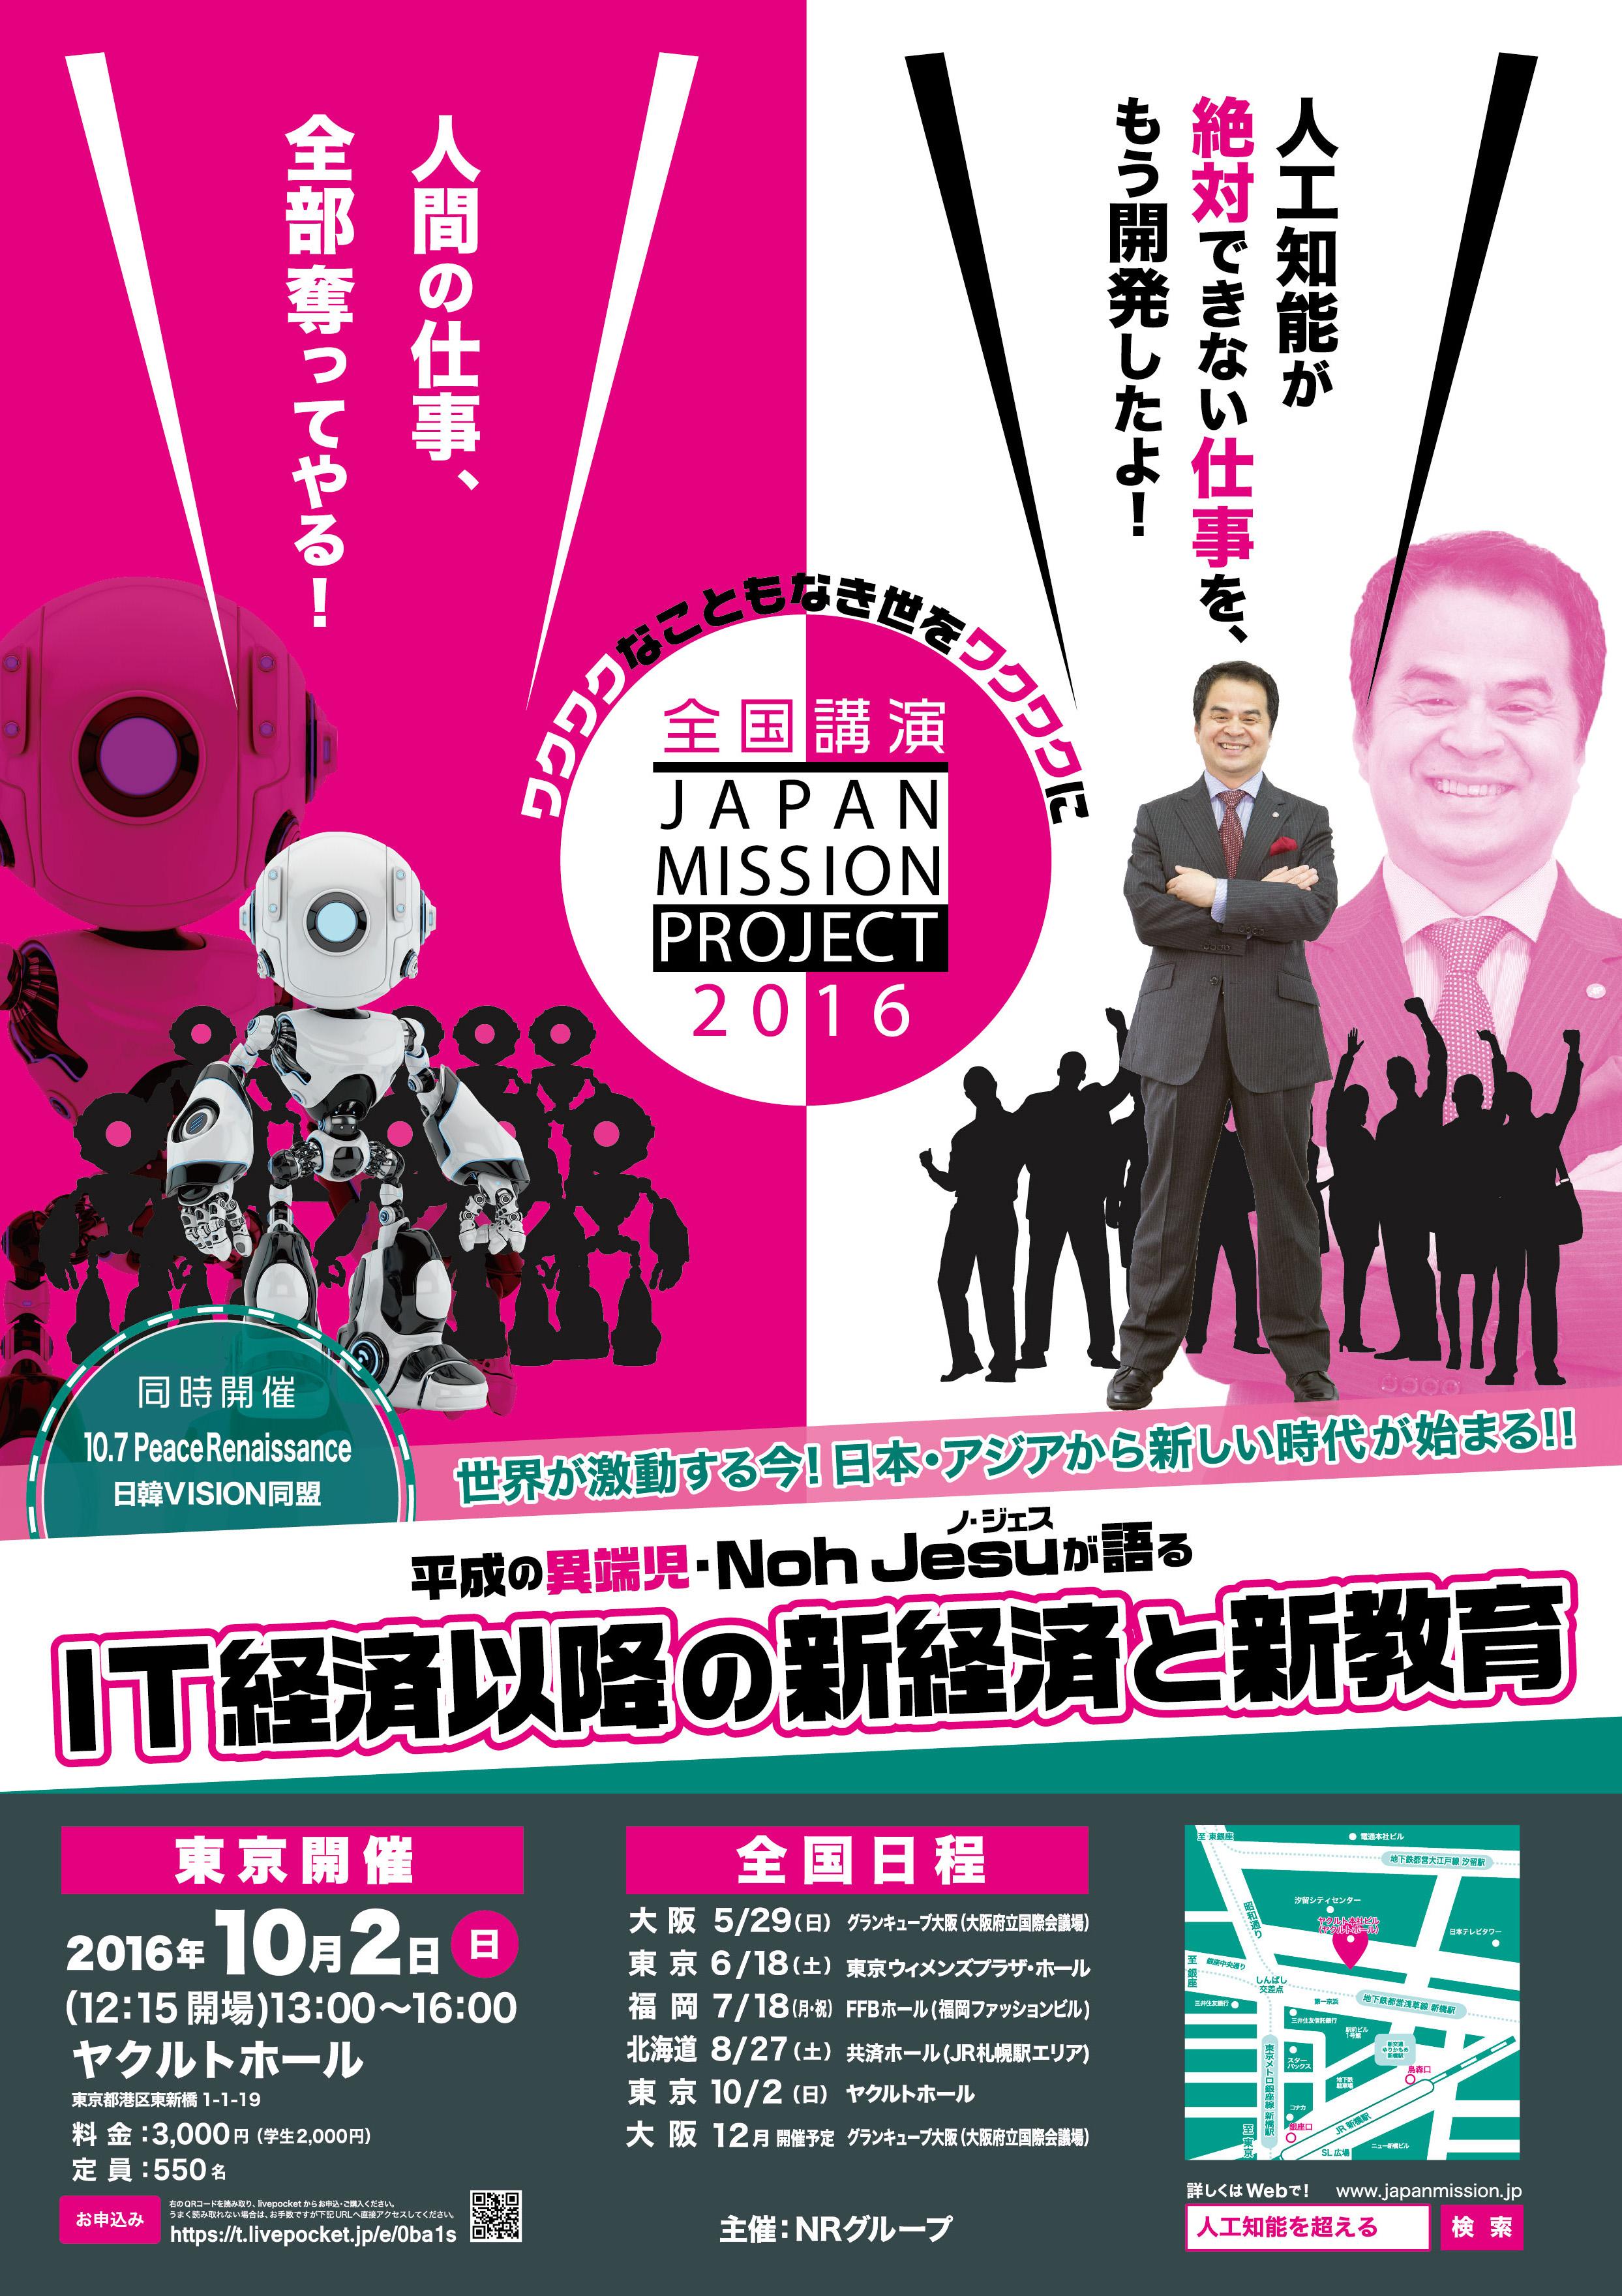 平成の異端児・Noh Jesuが語る  ~IT以降の新経済と新教育~ 東京